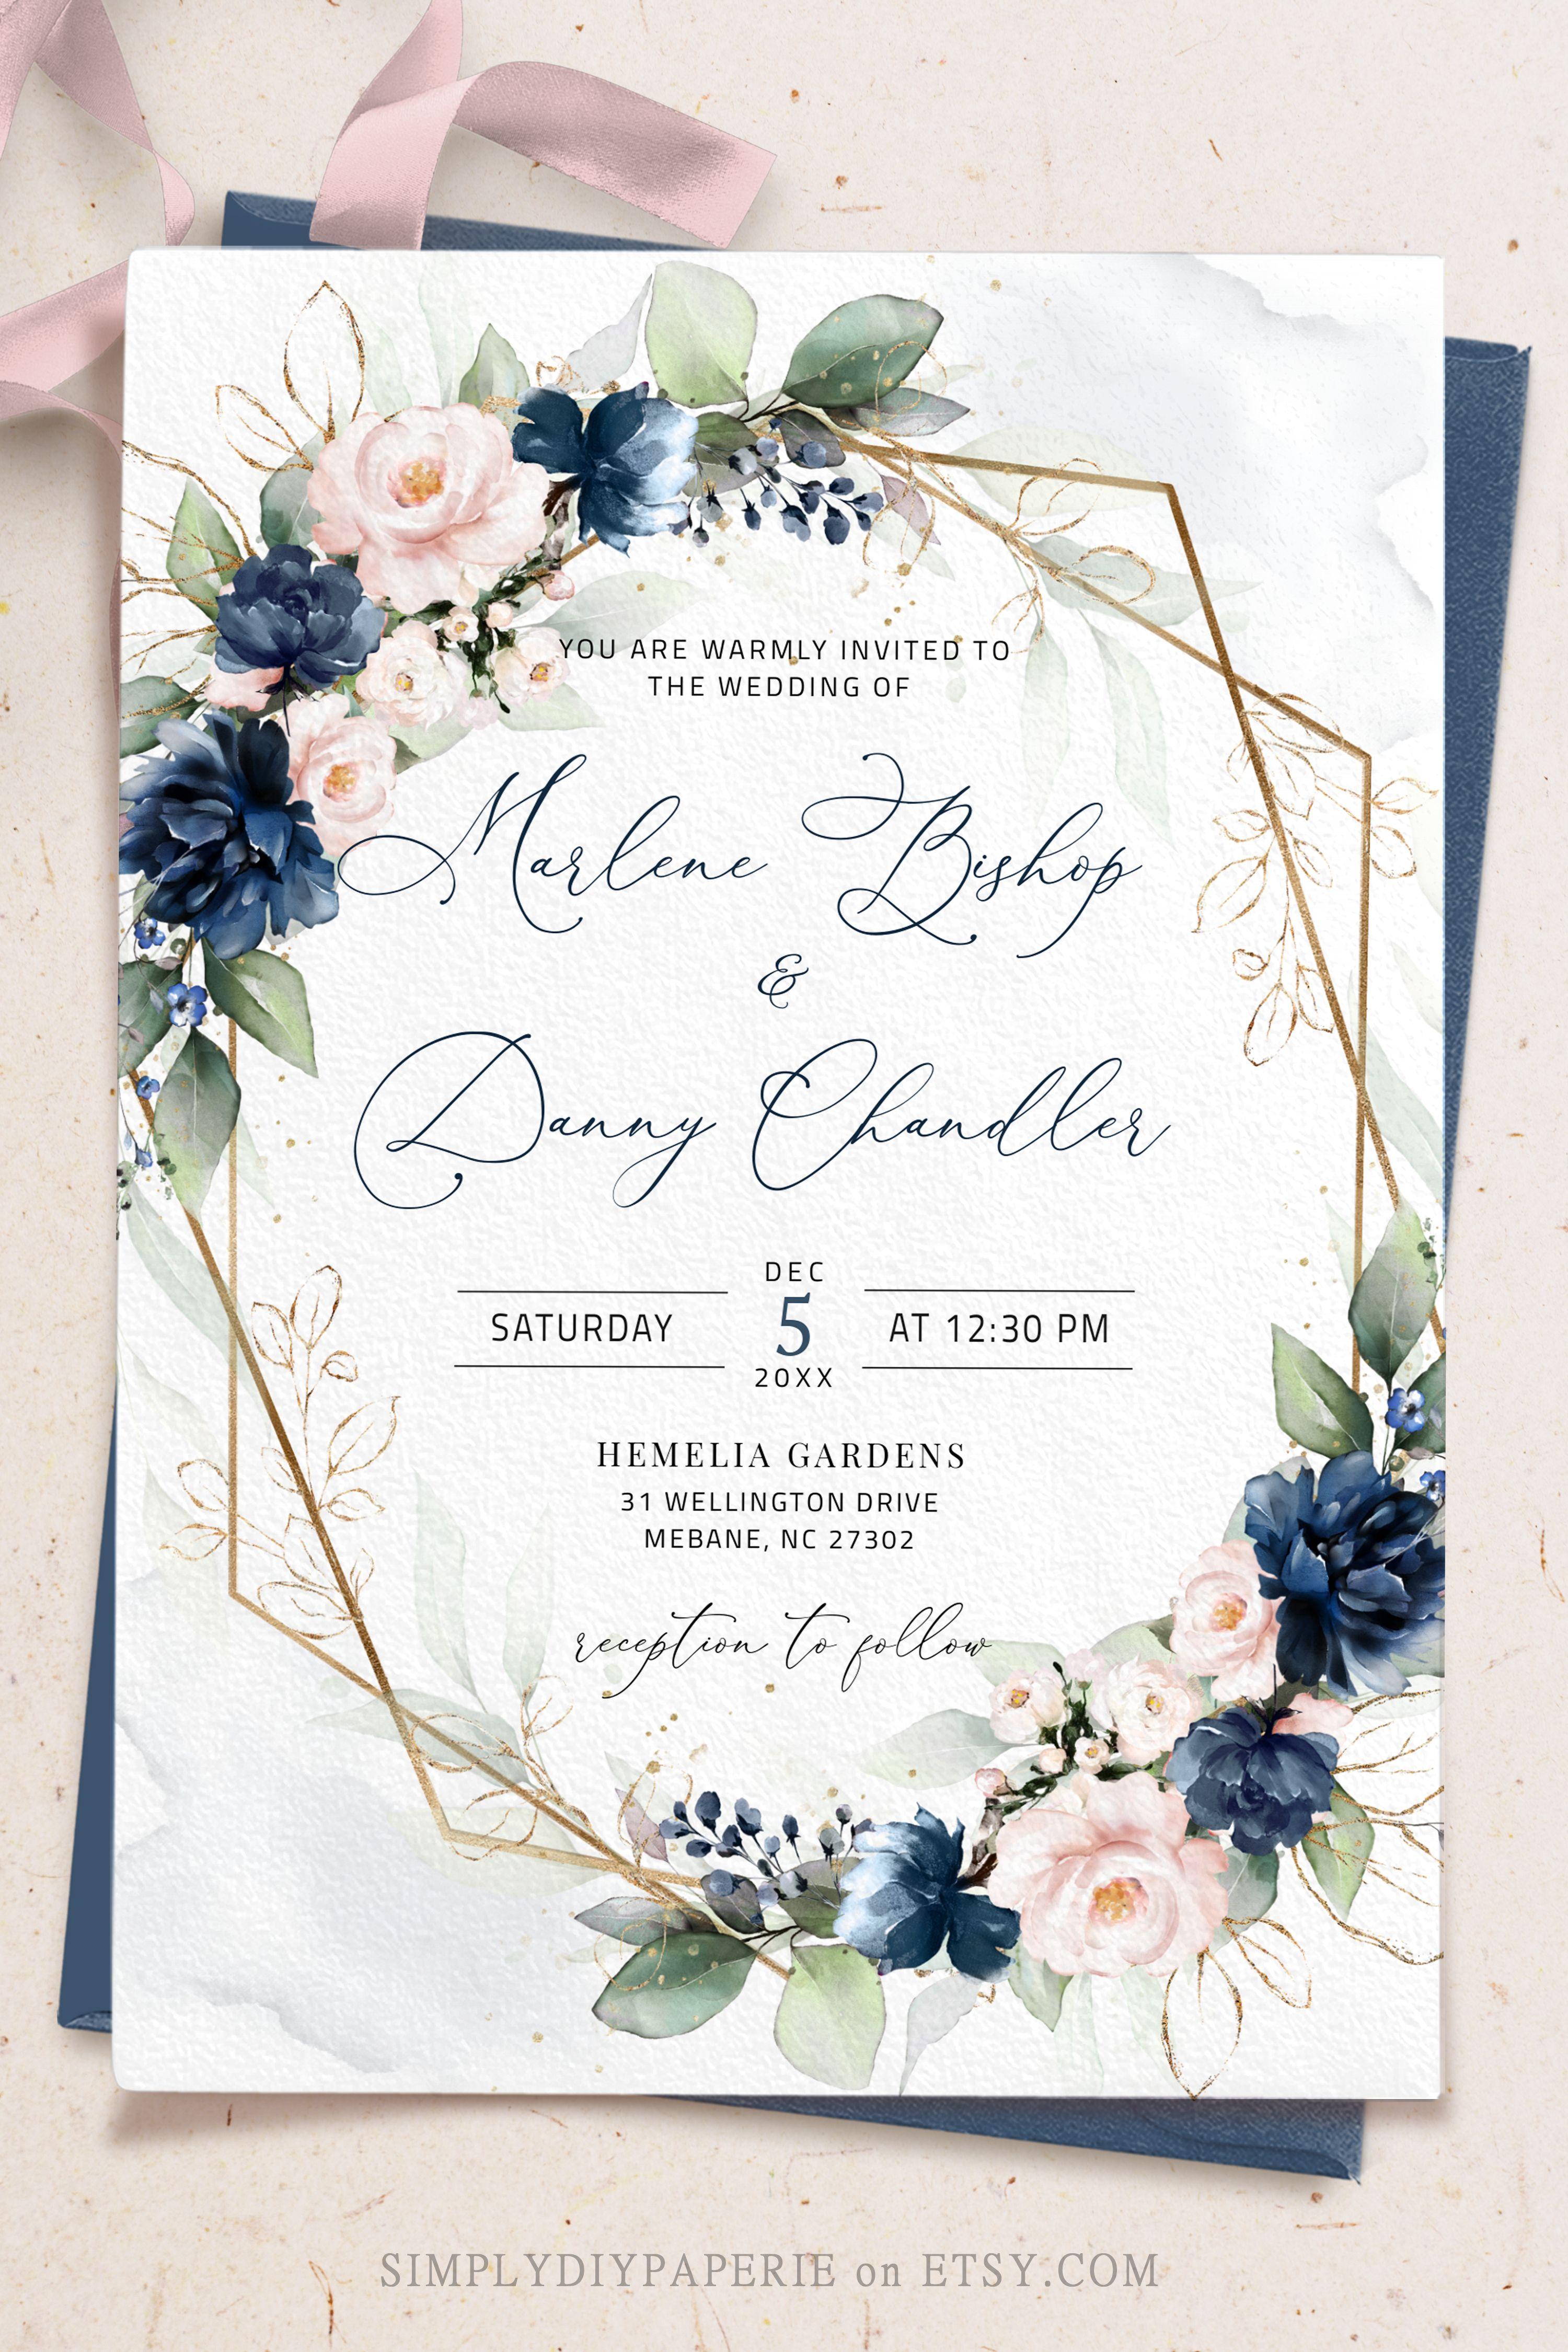 12 Piece Editable Wedding Template Kit Minimalist Wedding Stationery Bundle Printable Wedding Stationery Template Bundle Wedding Suite